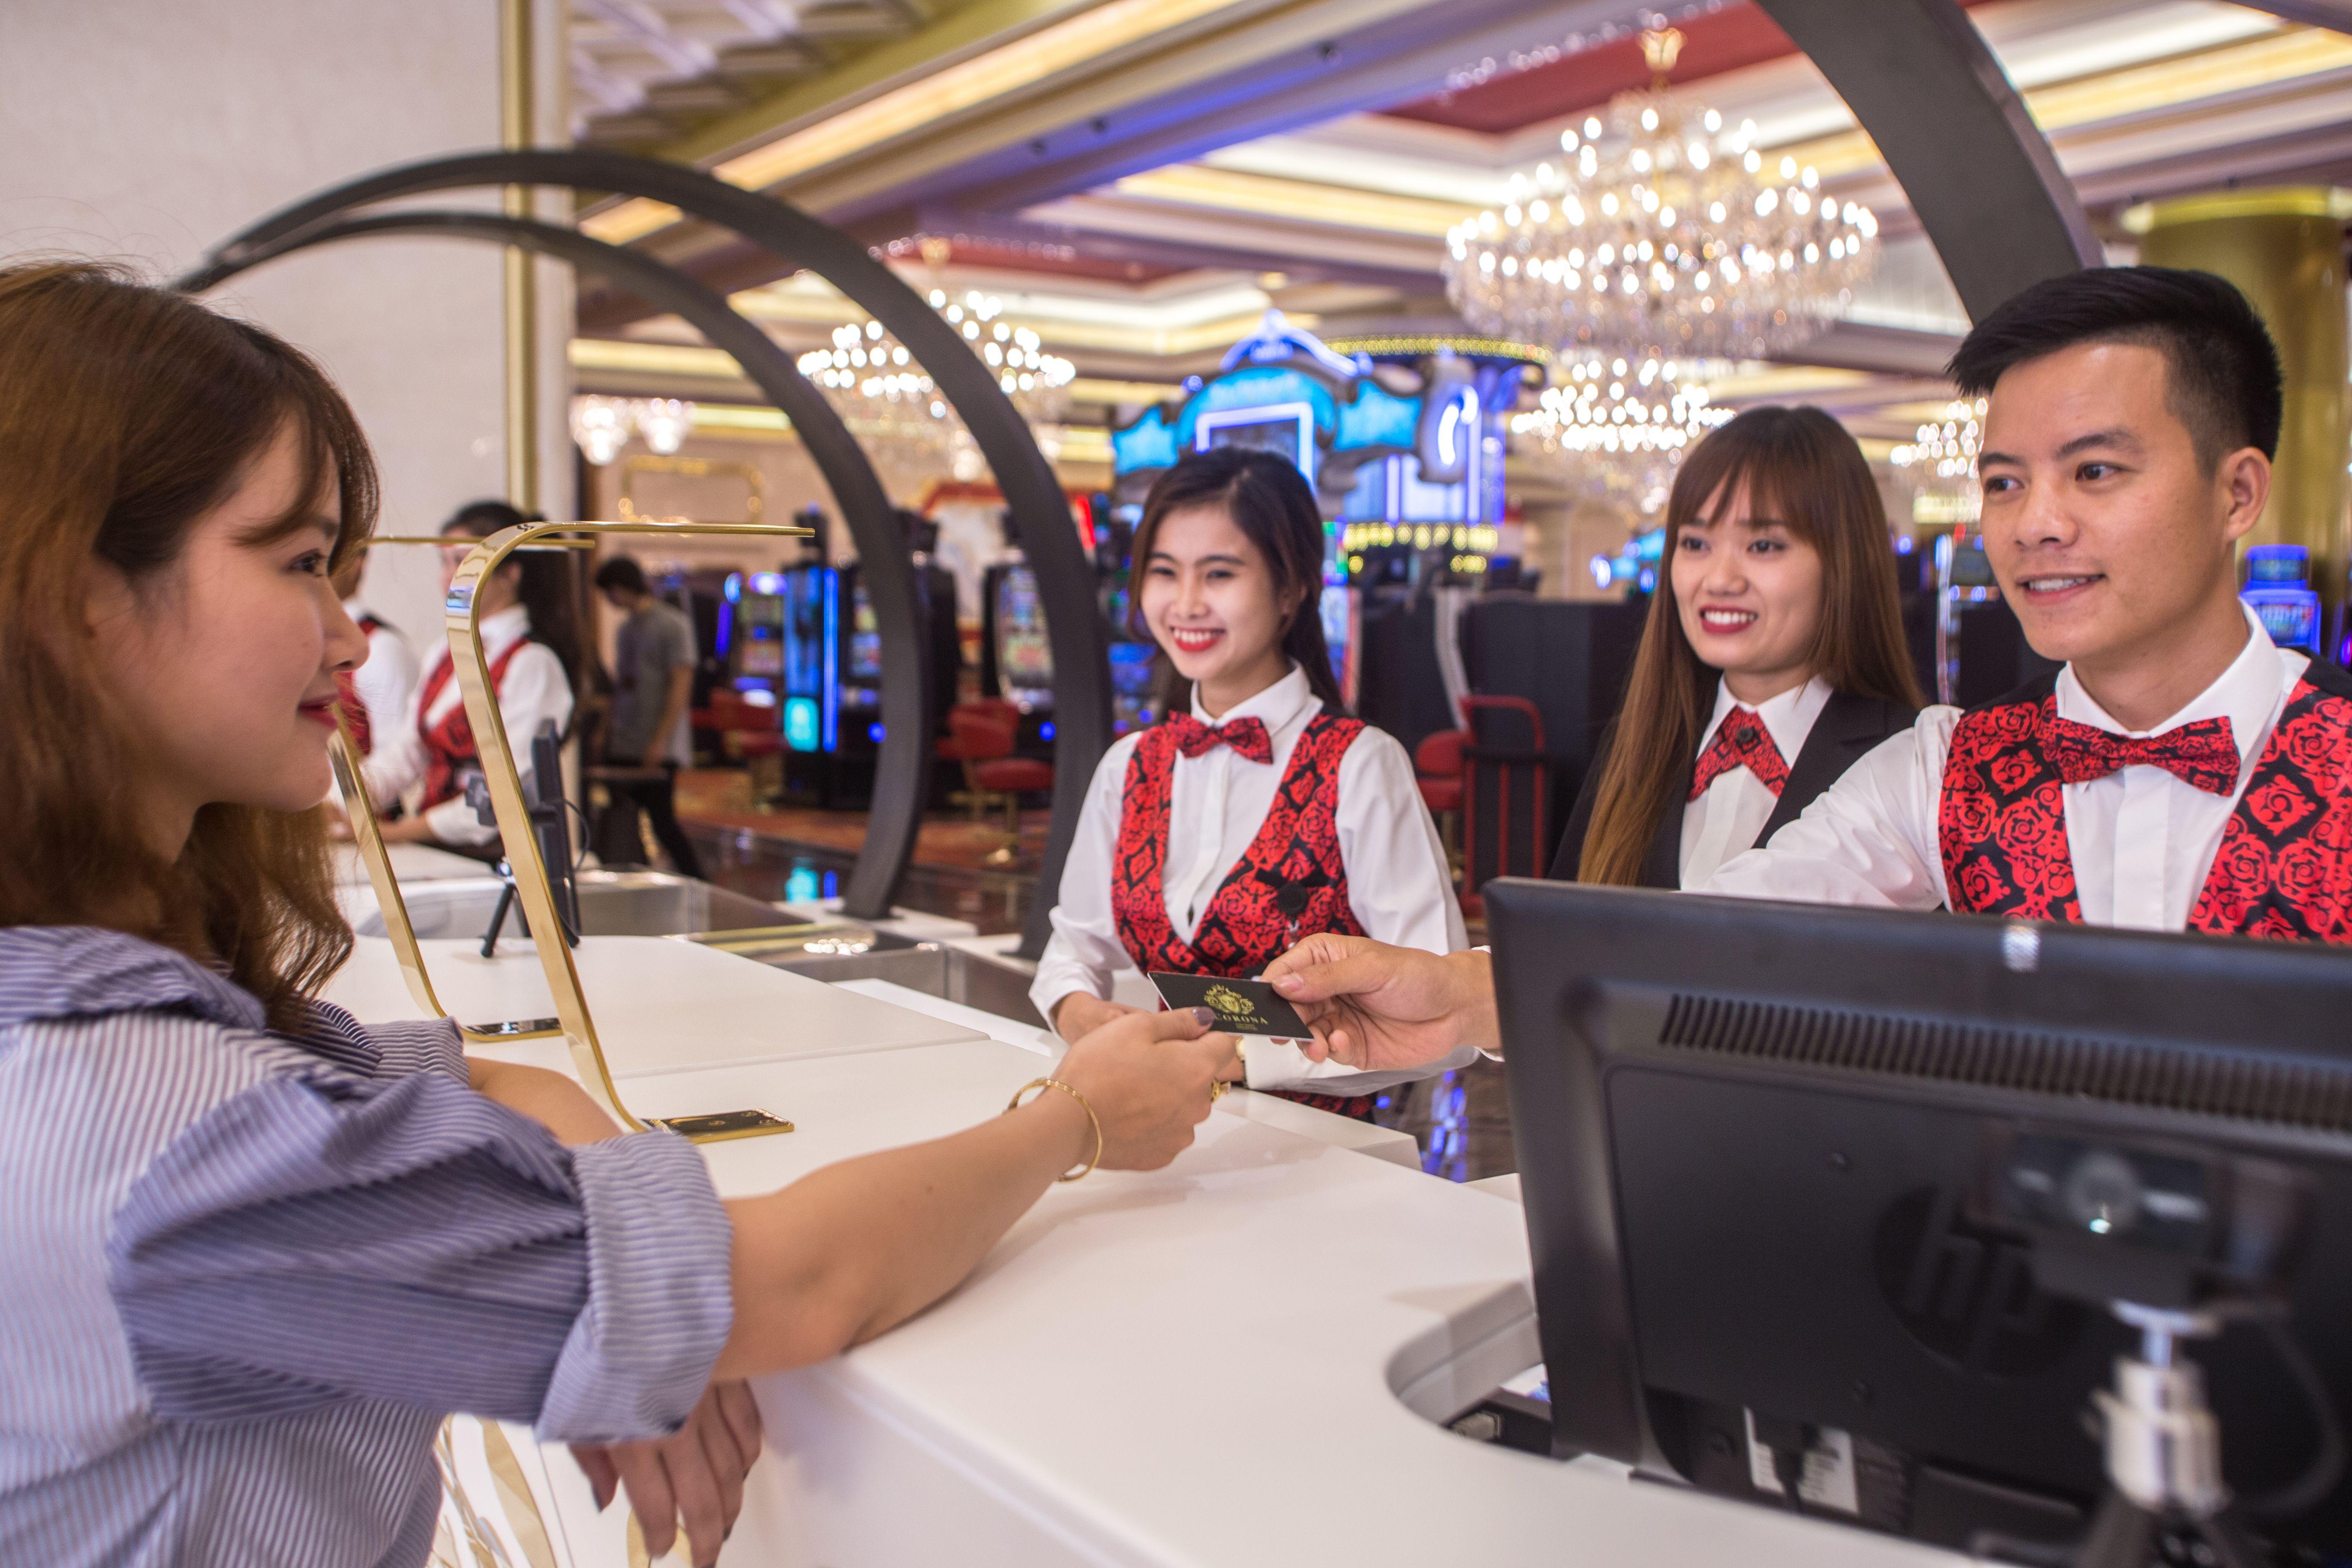 Casino thí điểm cho người Việt: Mỗi người vào cửa, ngân sách tỉnh có thêm 1 triệu đồng